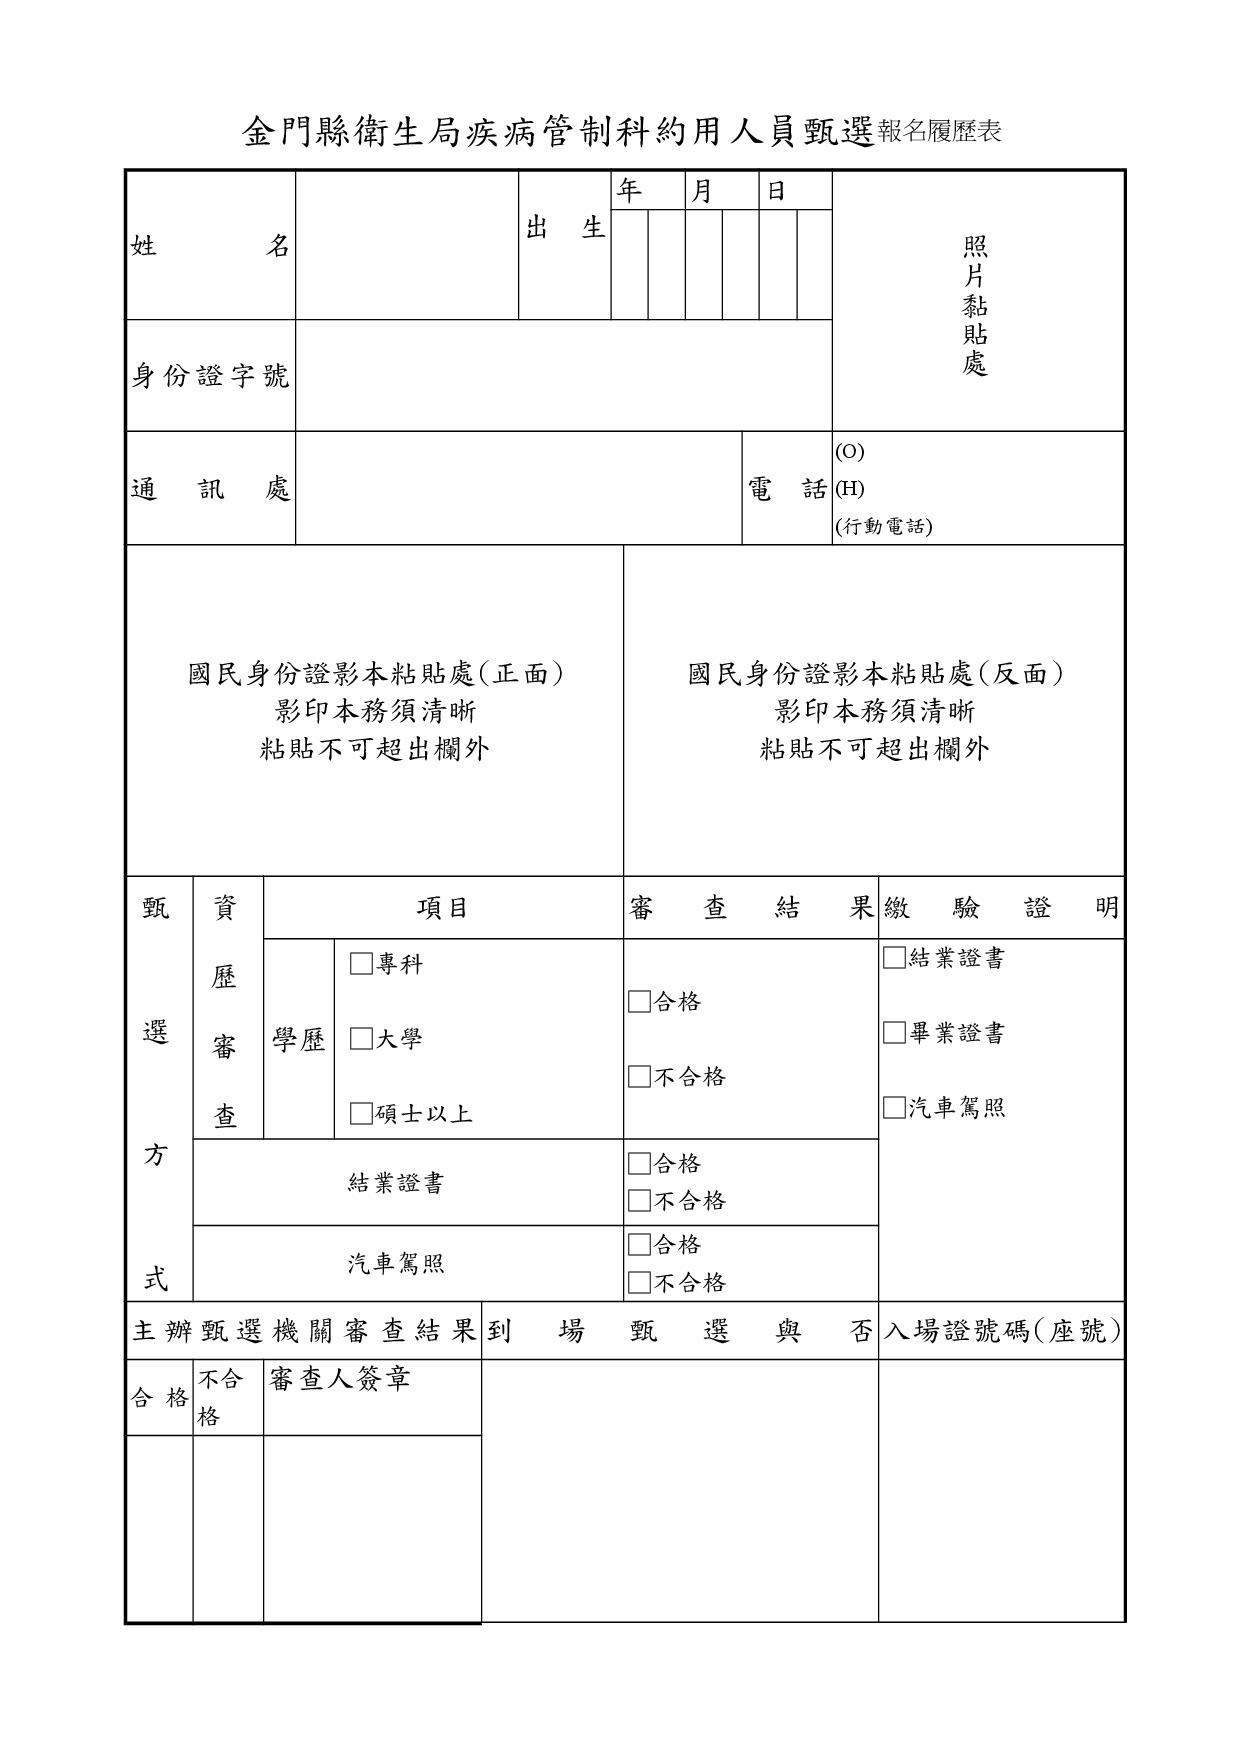 金門縣衛生局疾病管制科約用人員甄選報名履歷表